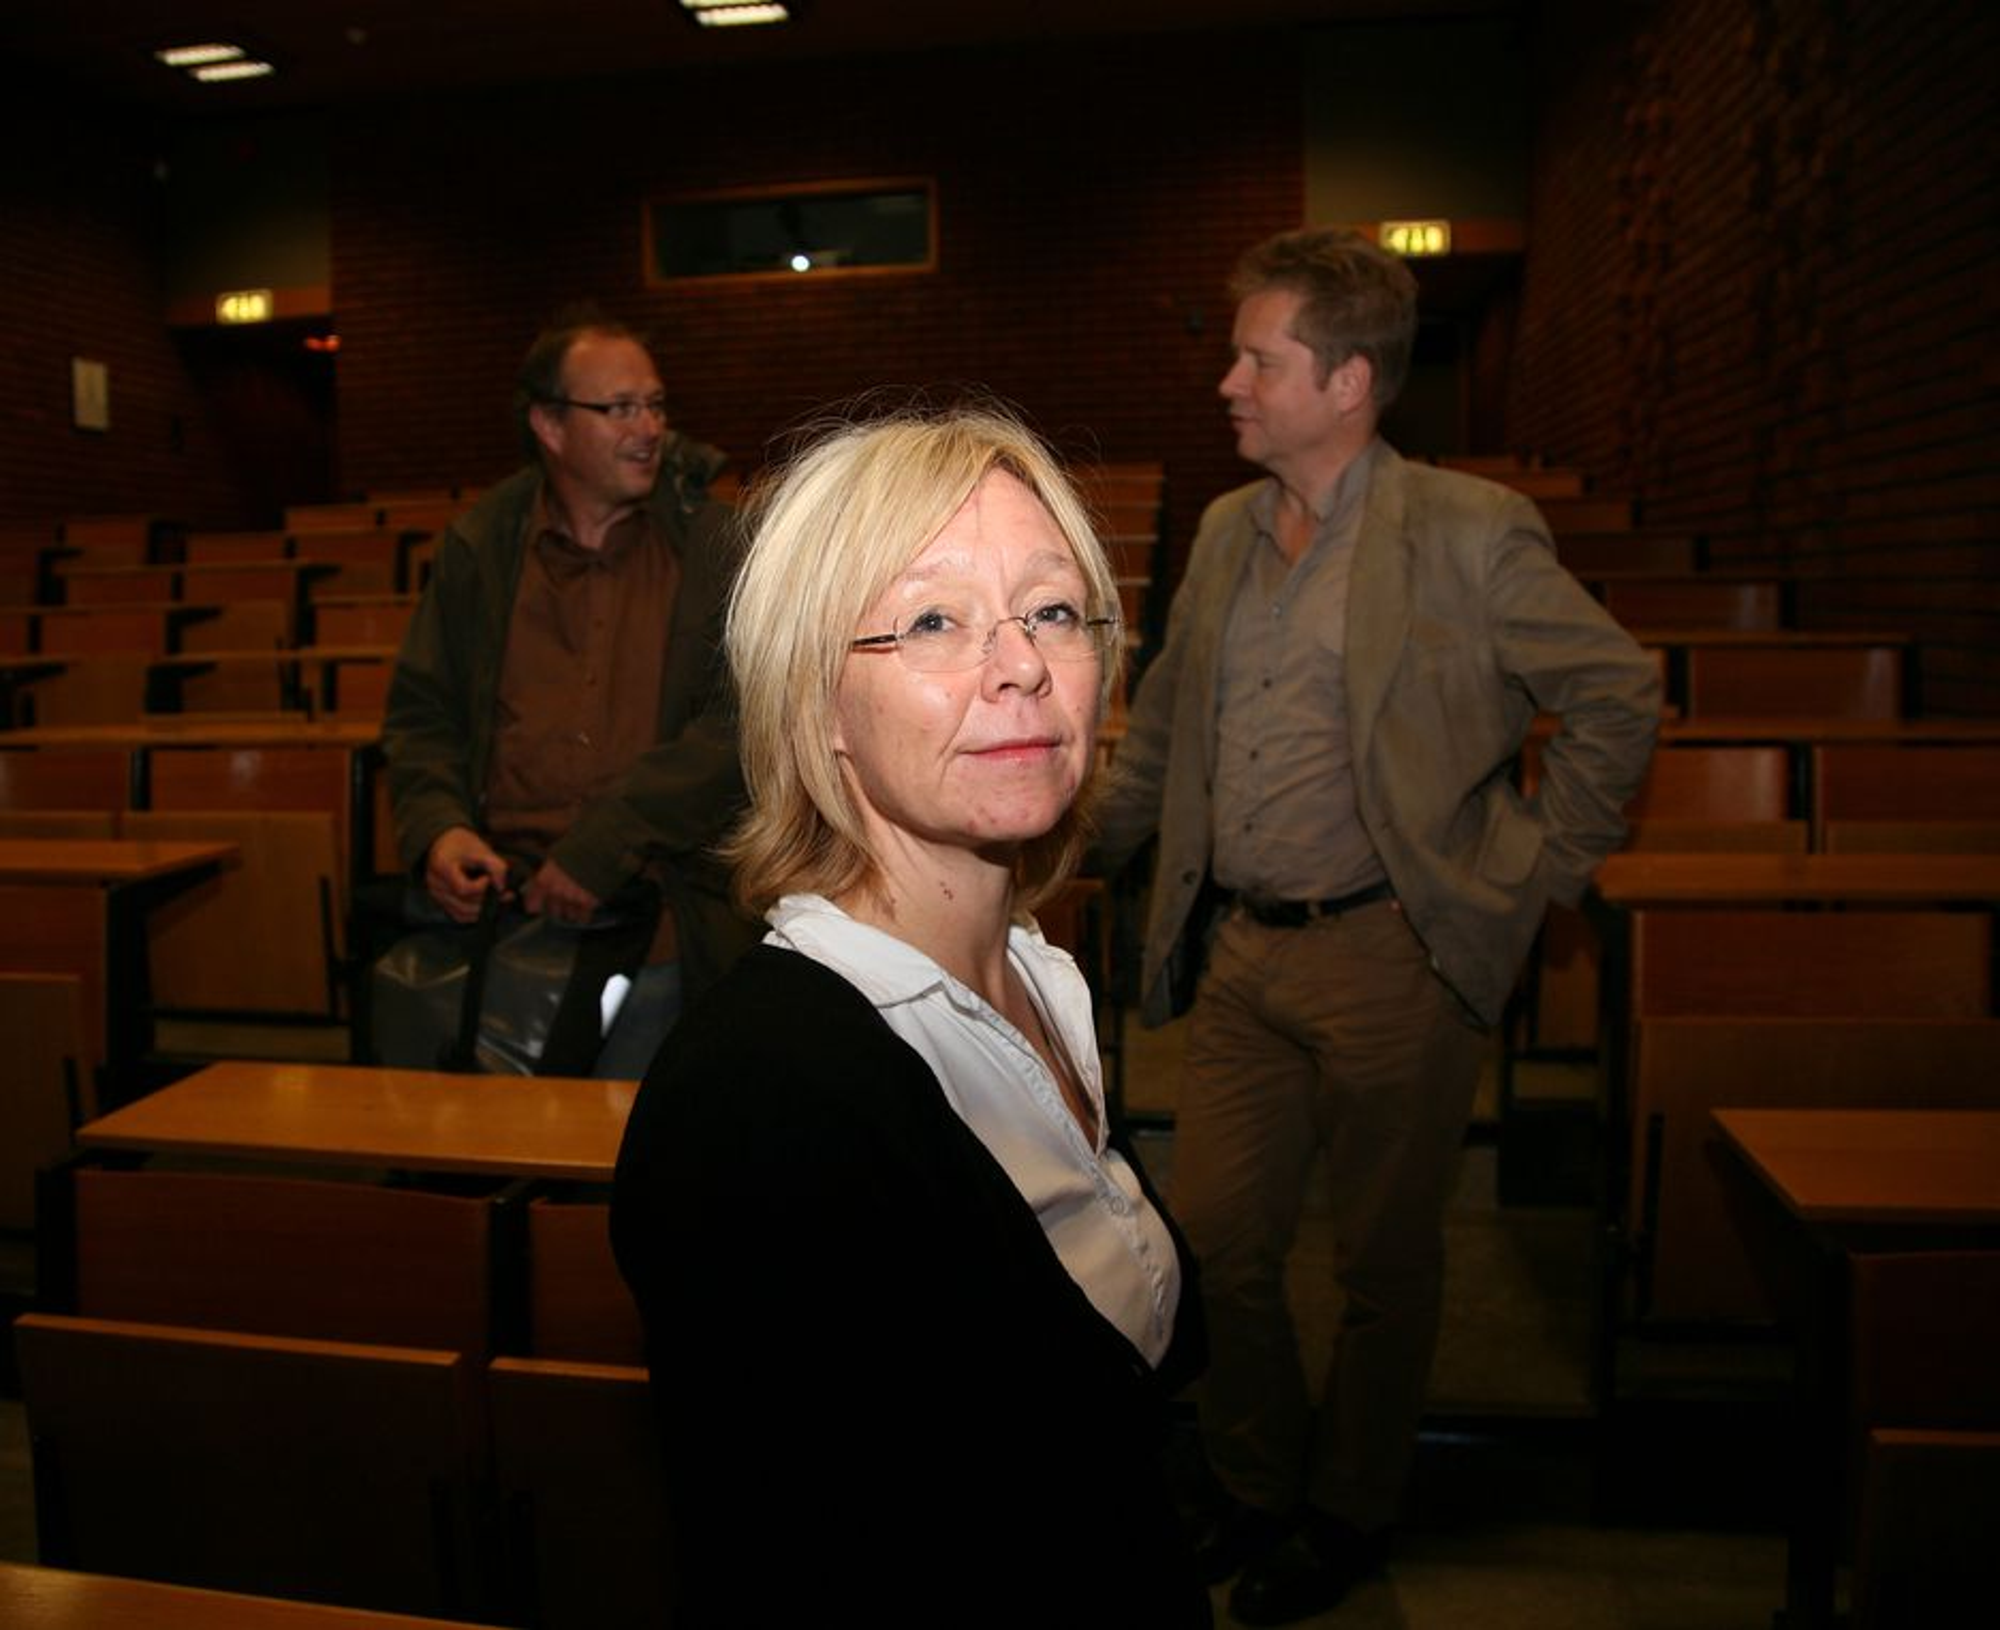 MILJØ: UiO-professor Kristin Asdal er ikke nådig mot økonomene. Cicero-forsker Sjur Kasa (bak til høyre) kaller det hele en kamp mellom nerder.